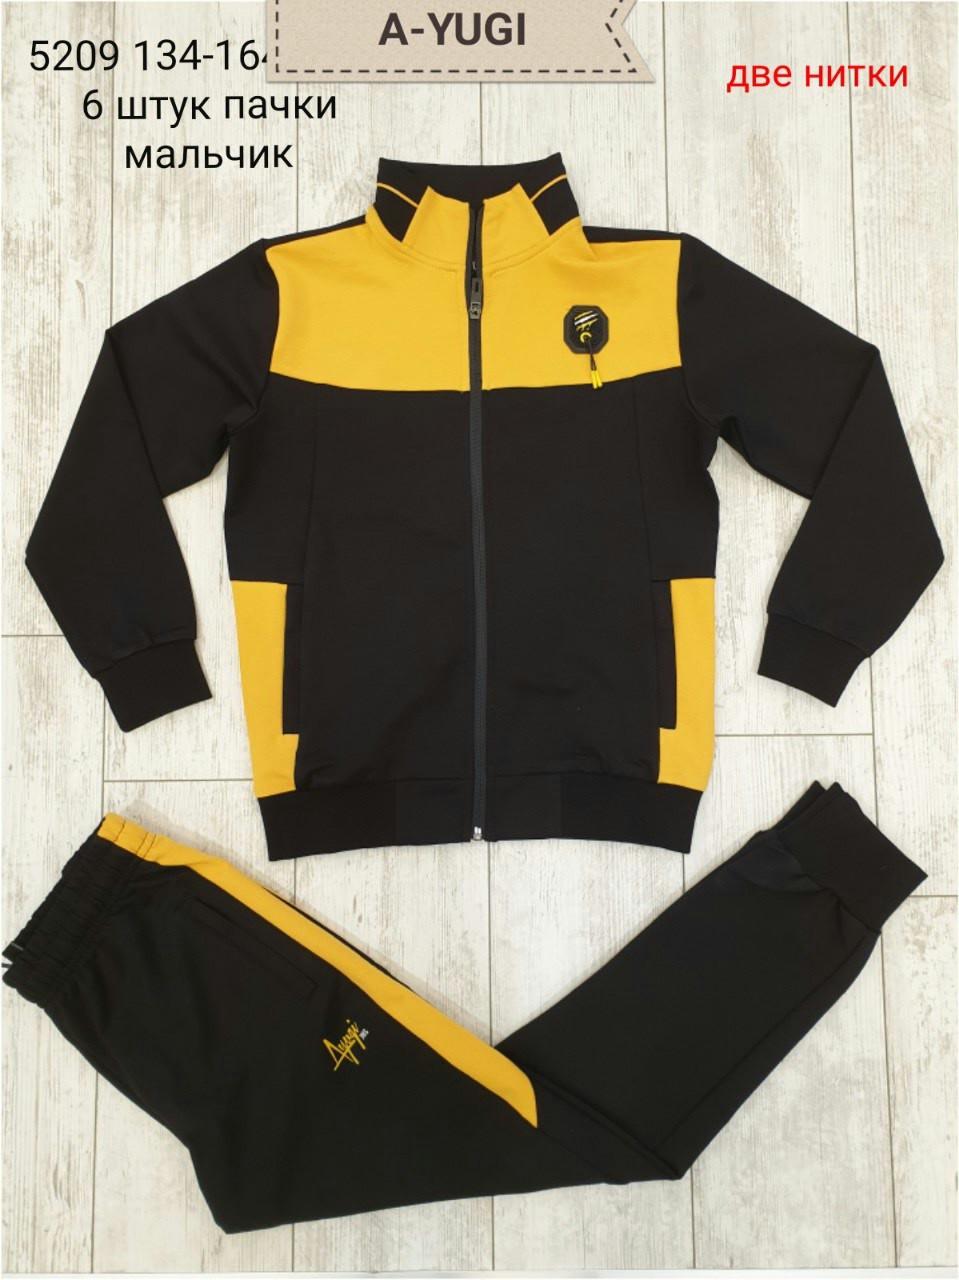 Спортивный костюм A-YUGI для мальчиков 146,152 роста Черный